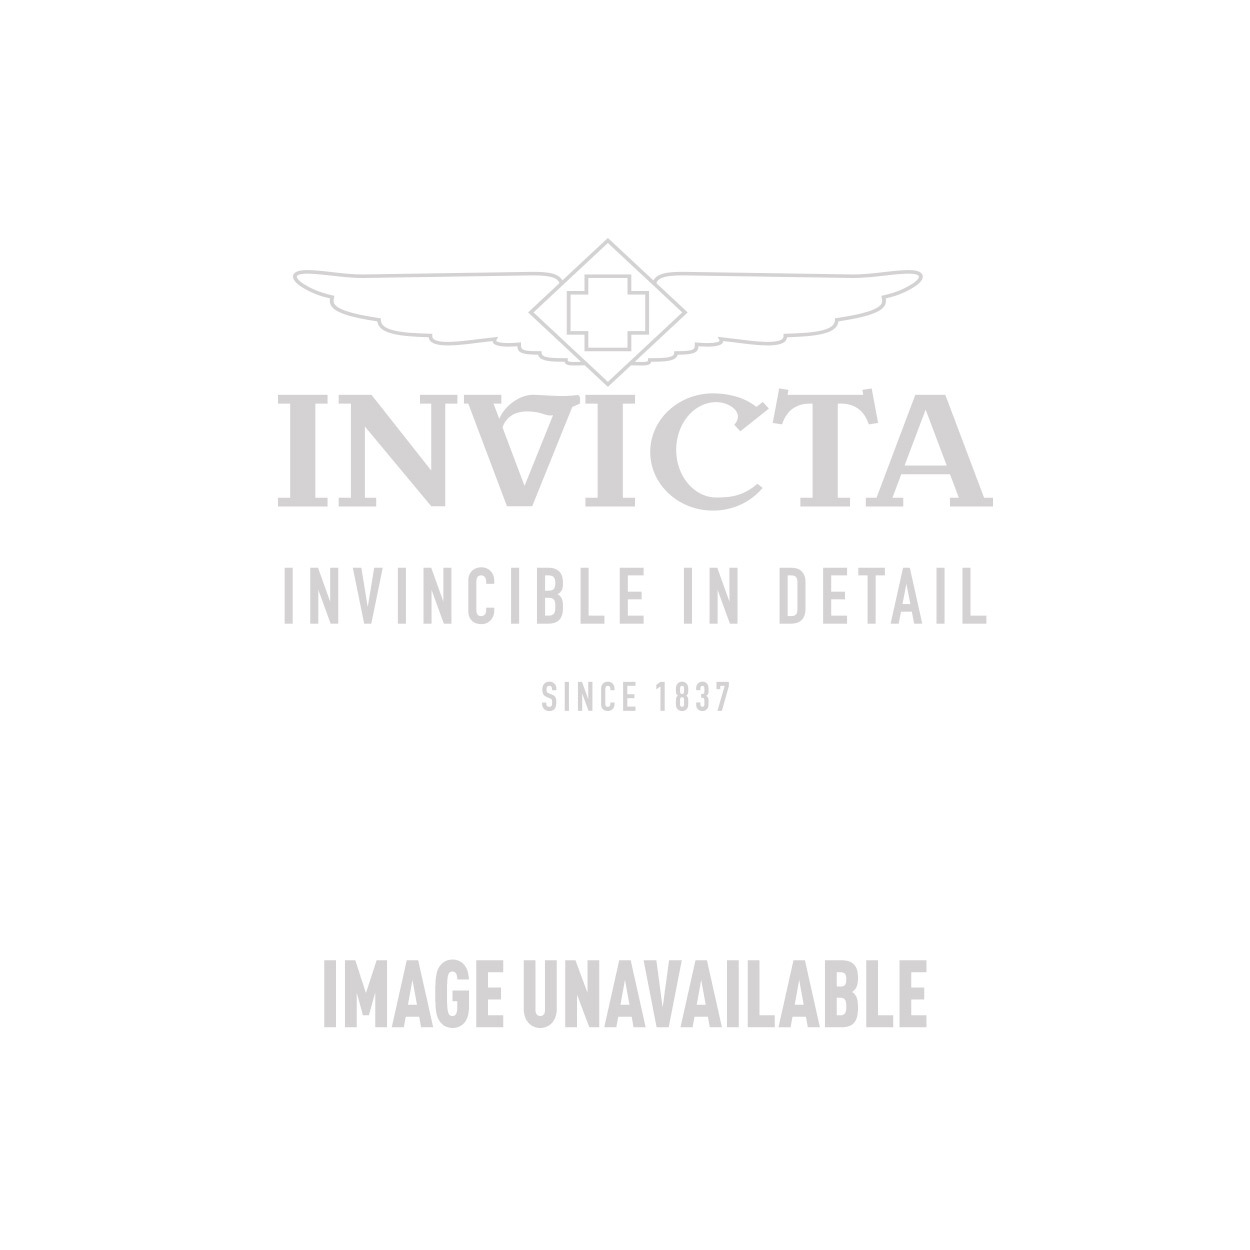 Invicta Model 25684